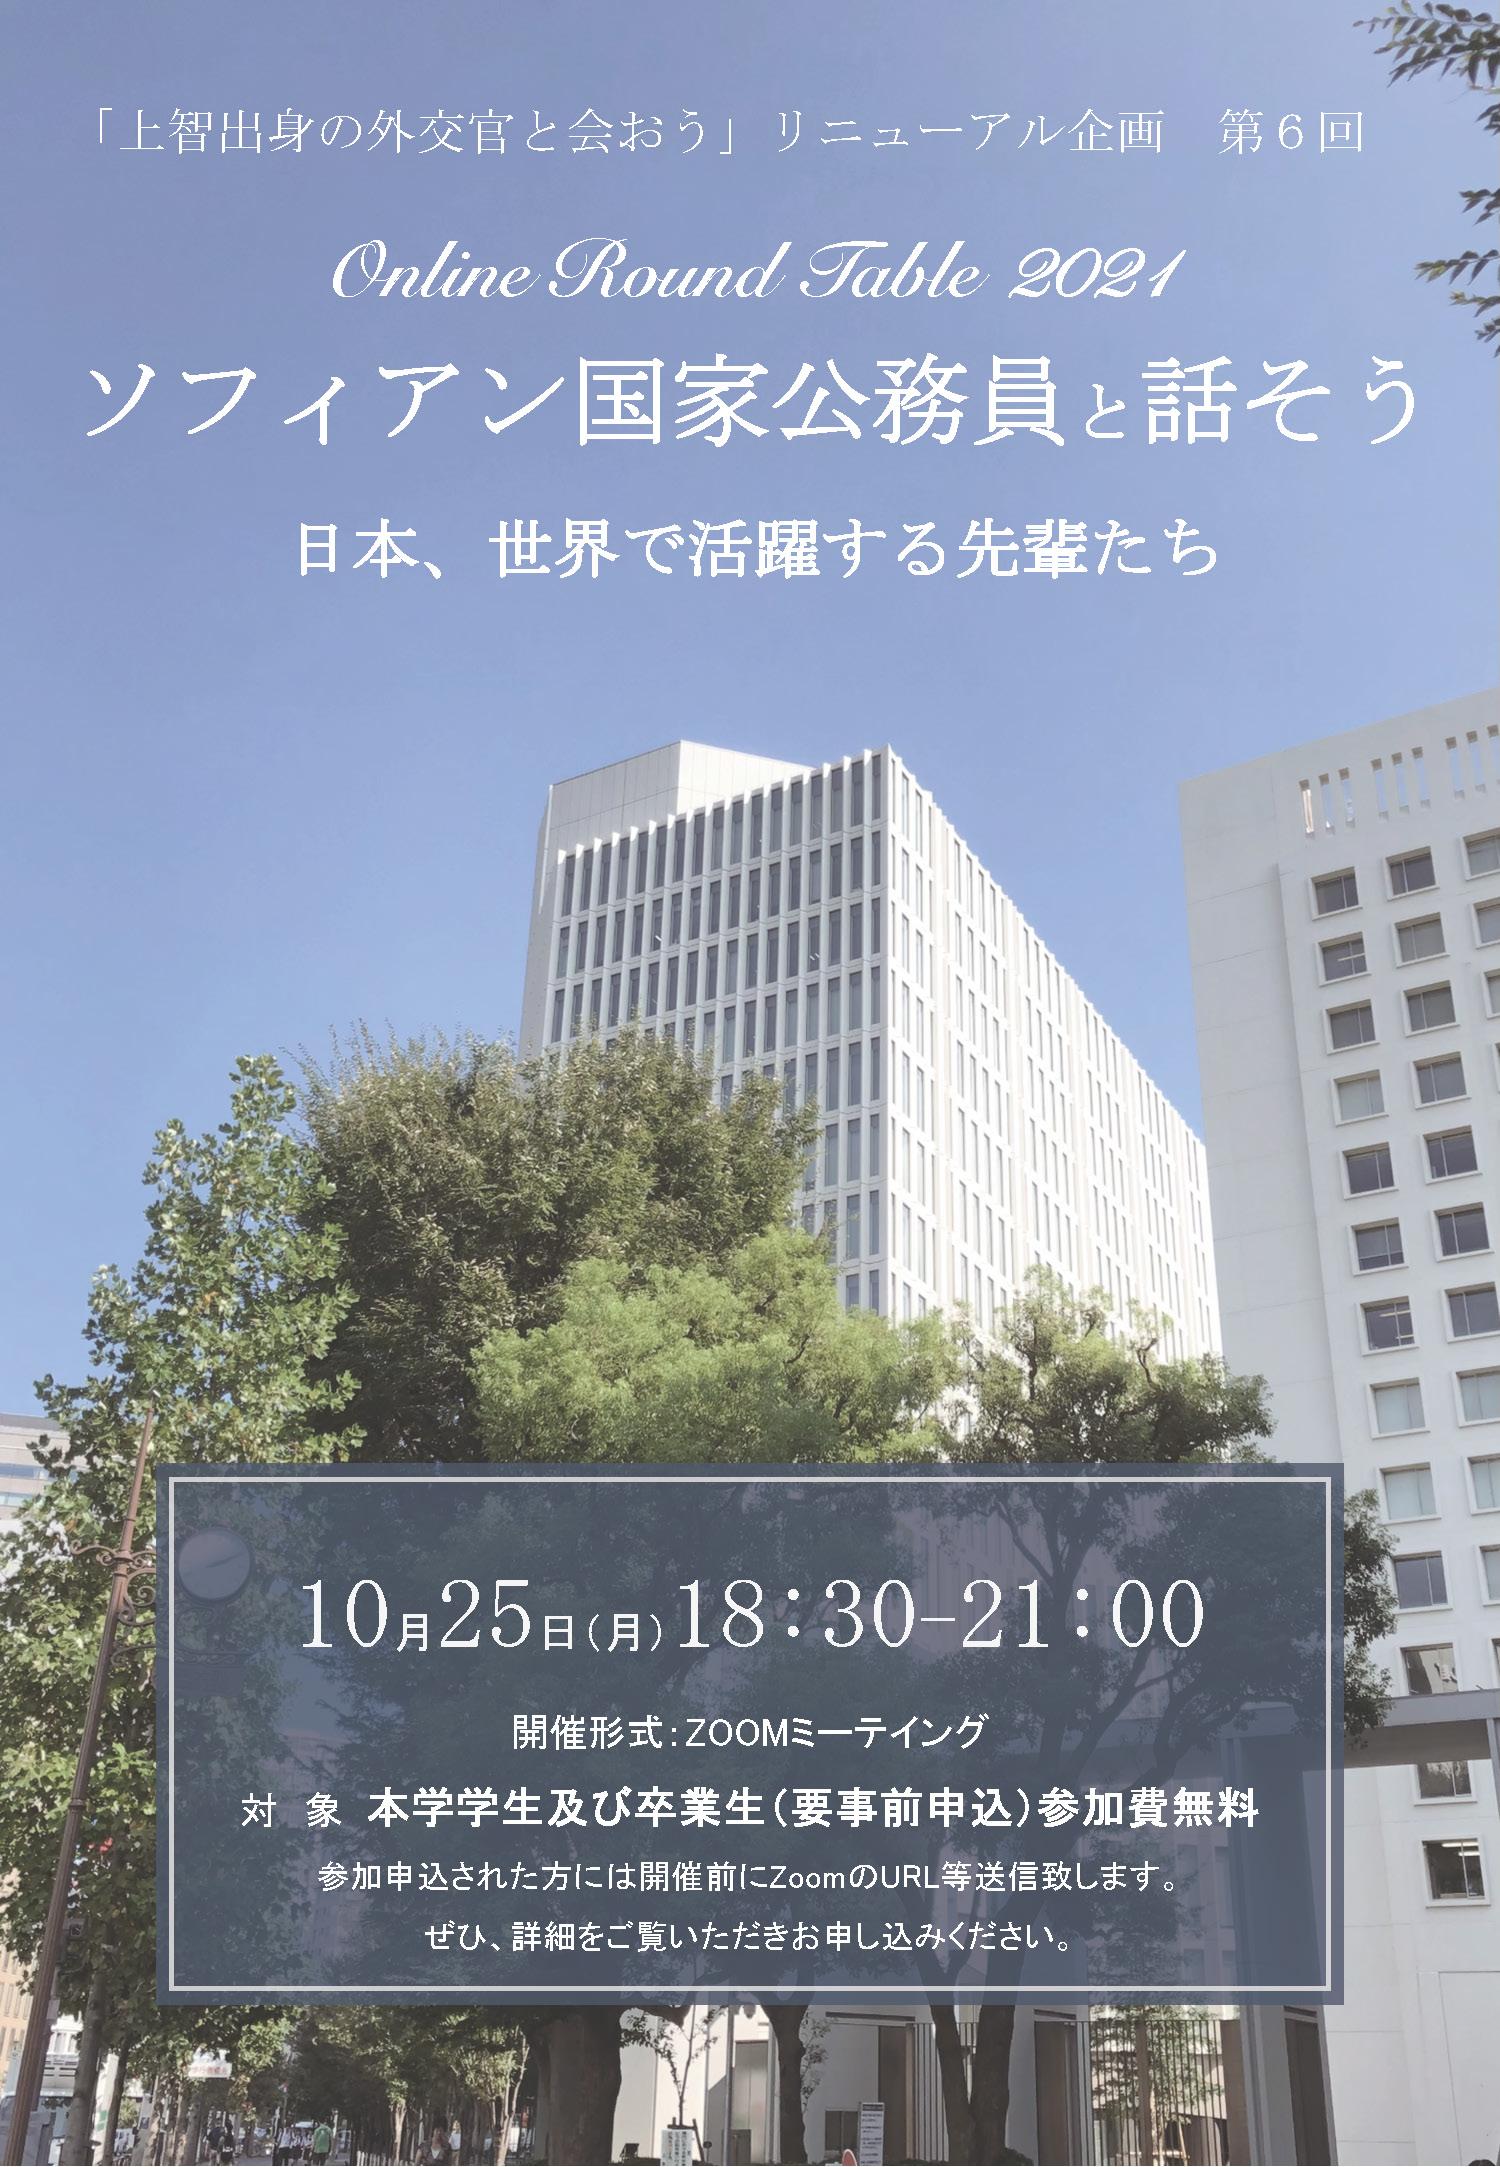 「ソフィアン国家公務員と話そう-日本、世界で活躍する先輩たち-」 10月25日(月)オンライン開催